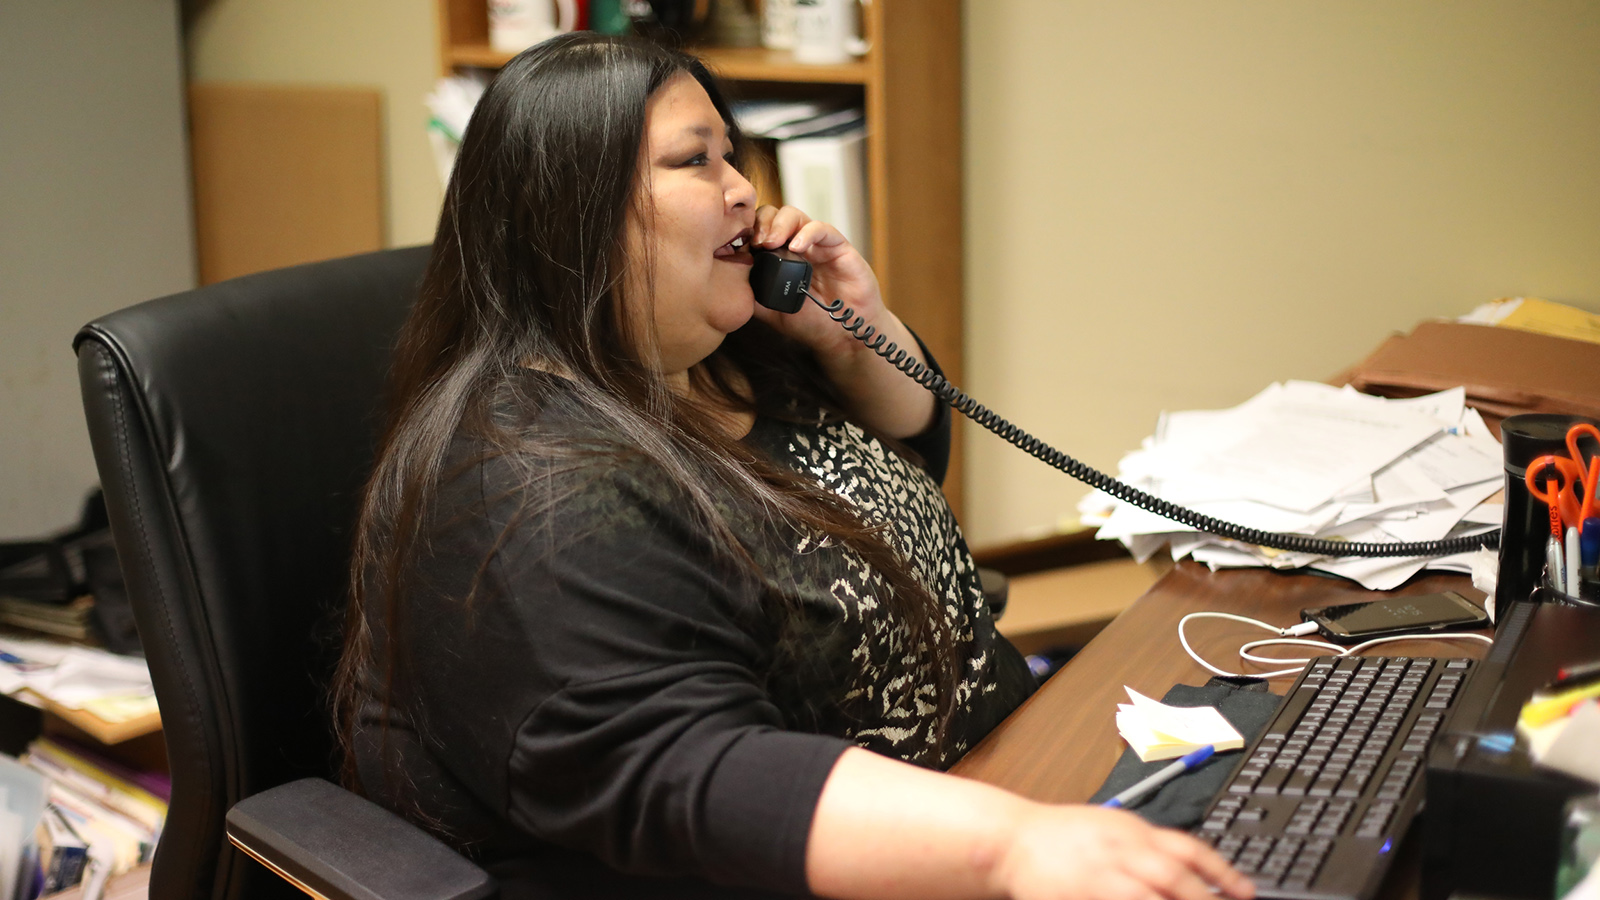 Janie Ocejo speaks on phone at desk